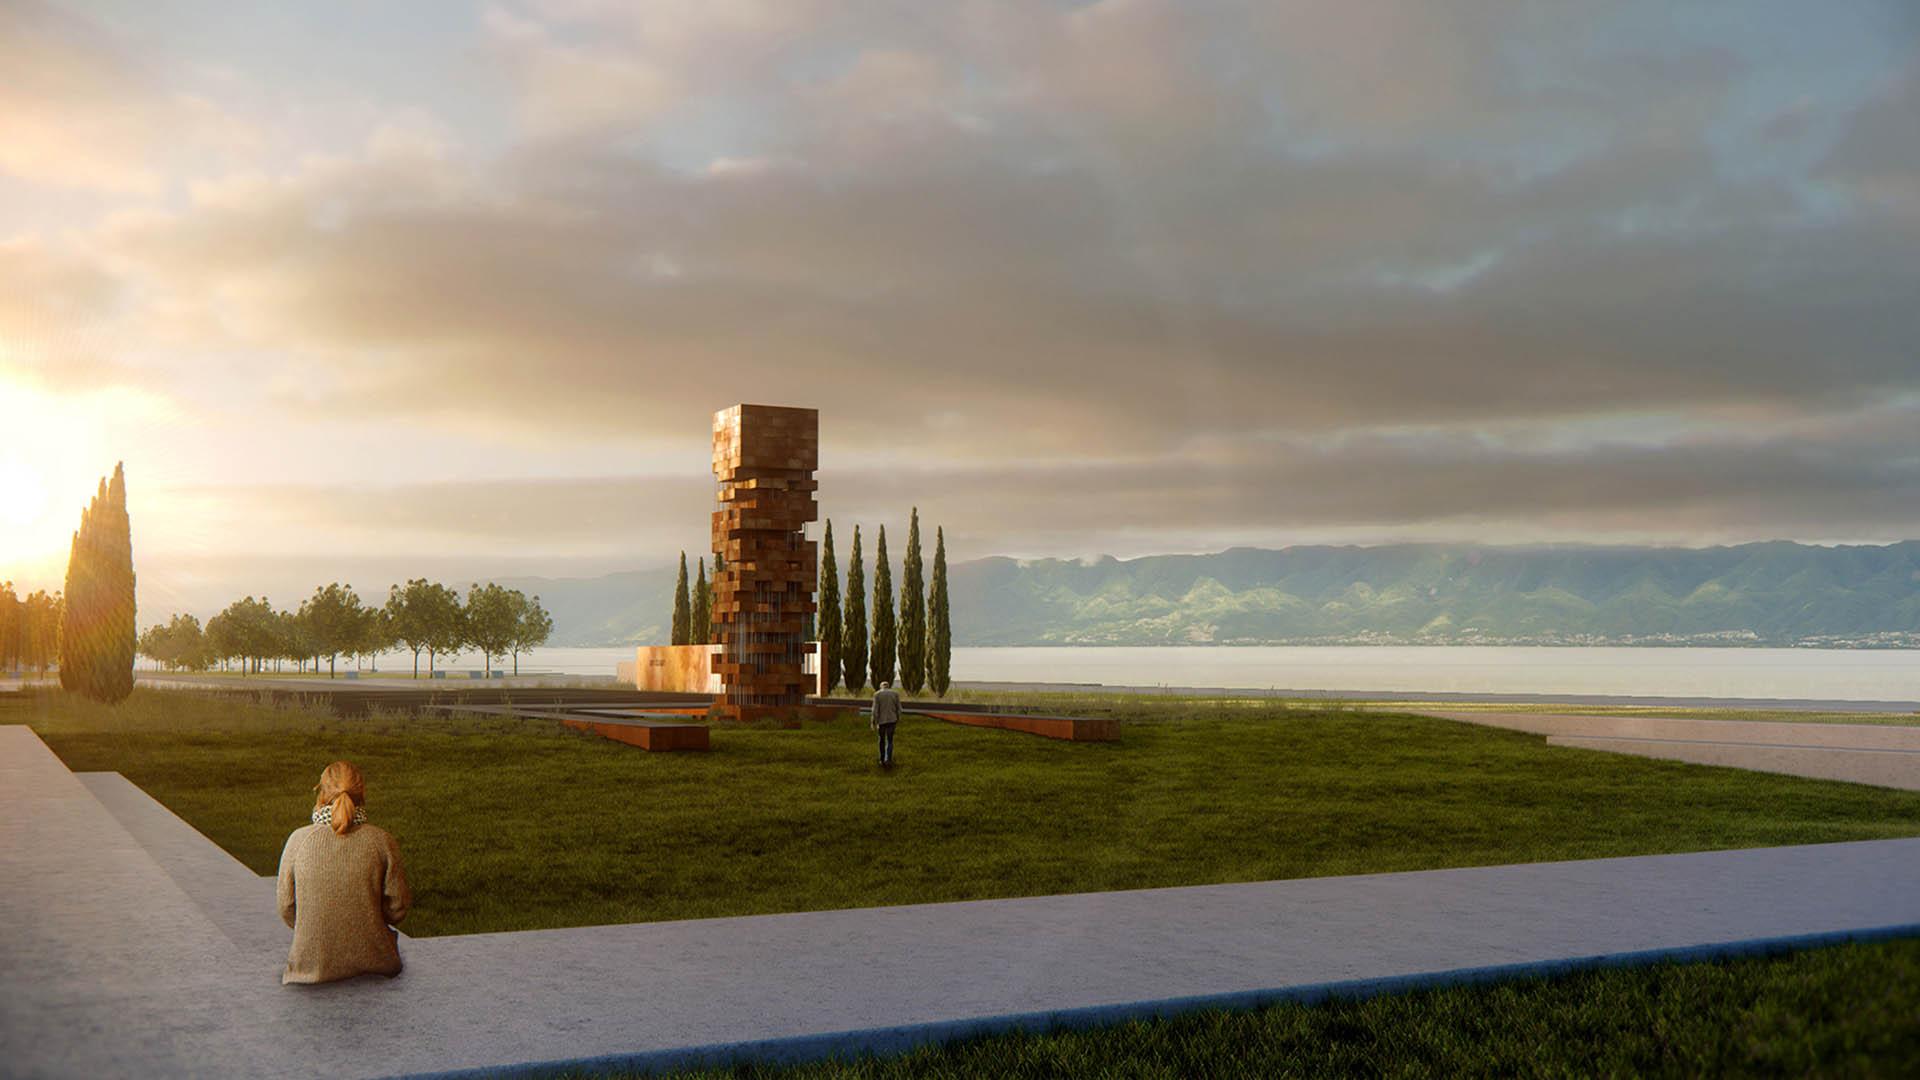 Anıta Bakış